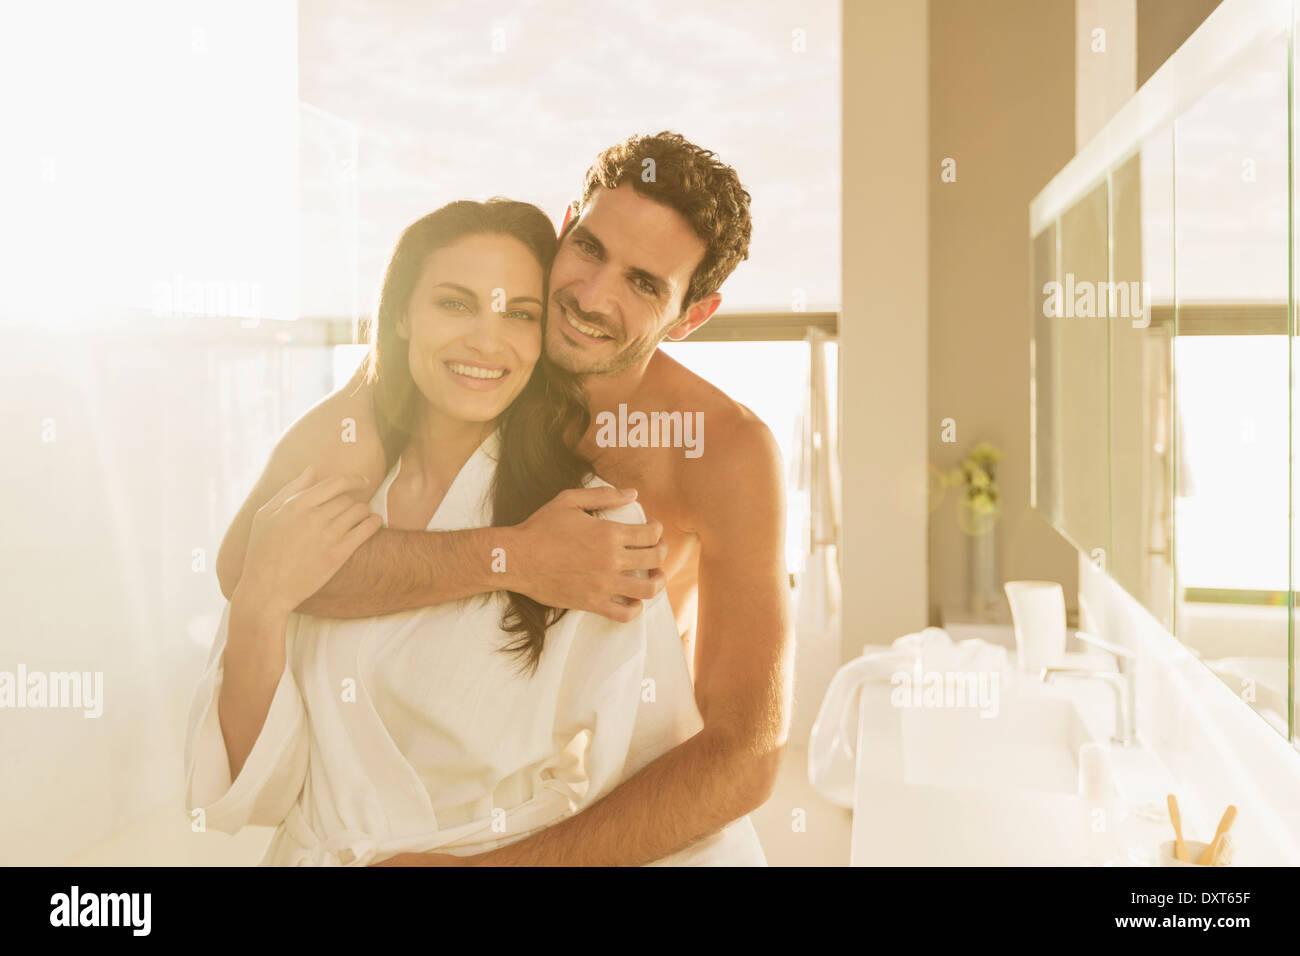 Portrait Of Couple Hugging In Bathroom